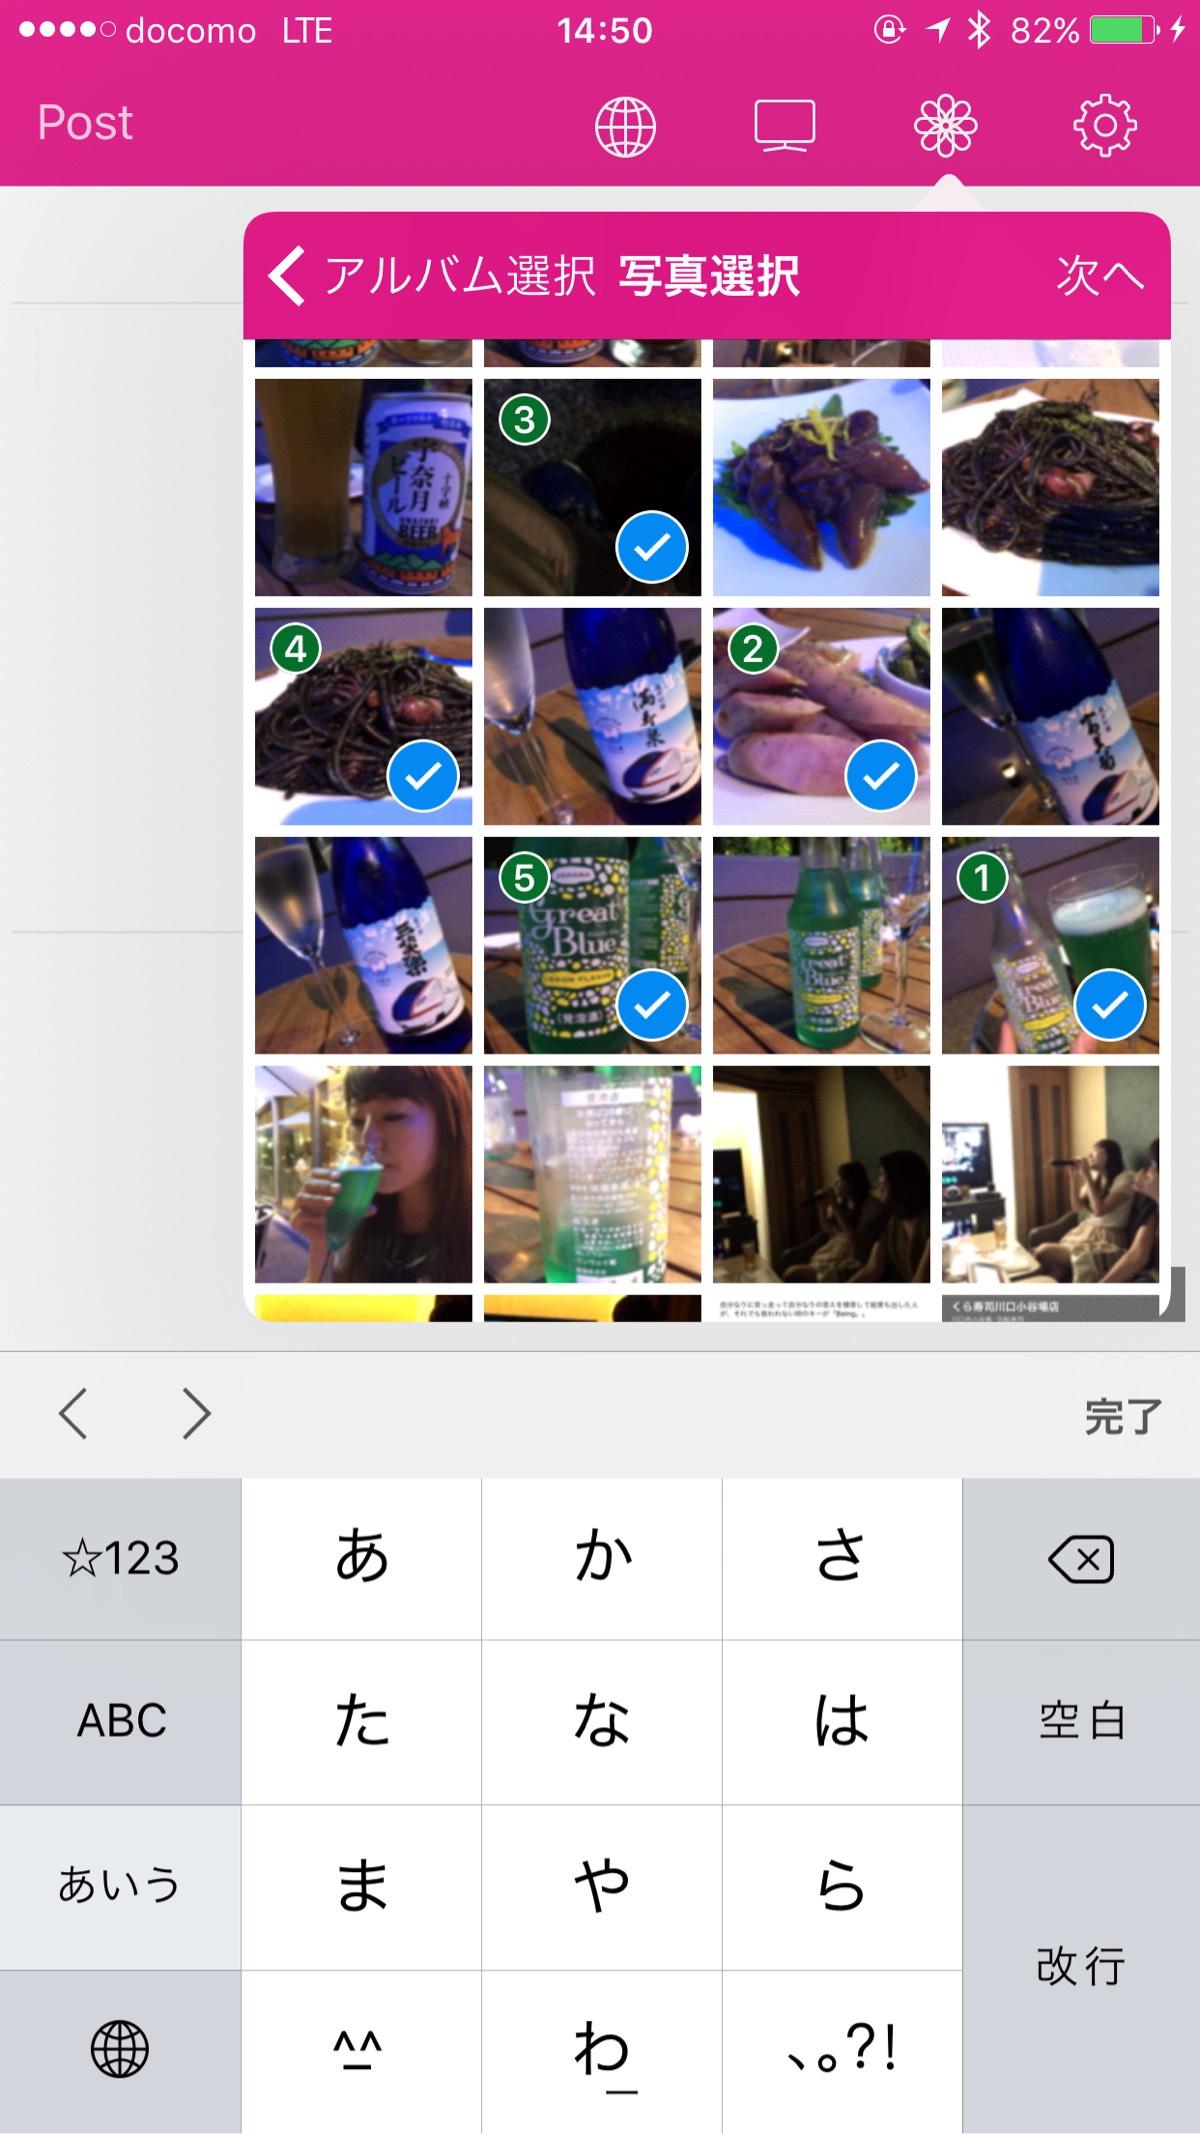 iPhone用ブログエディタアプリ「SLPRO X」アップデート → 写真を選択した順番で貼り付け可能に!